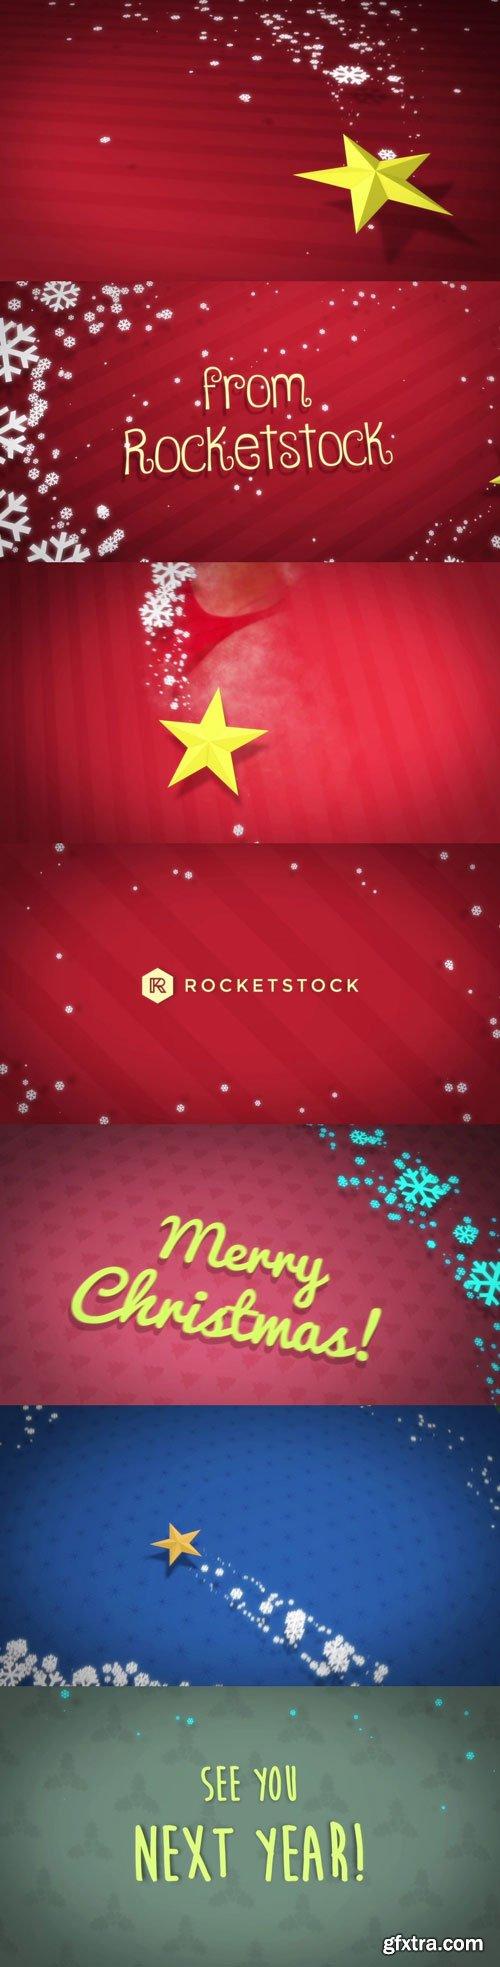 RocketStock - RS2020 - Festiva